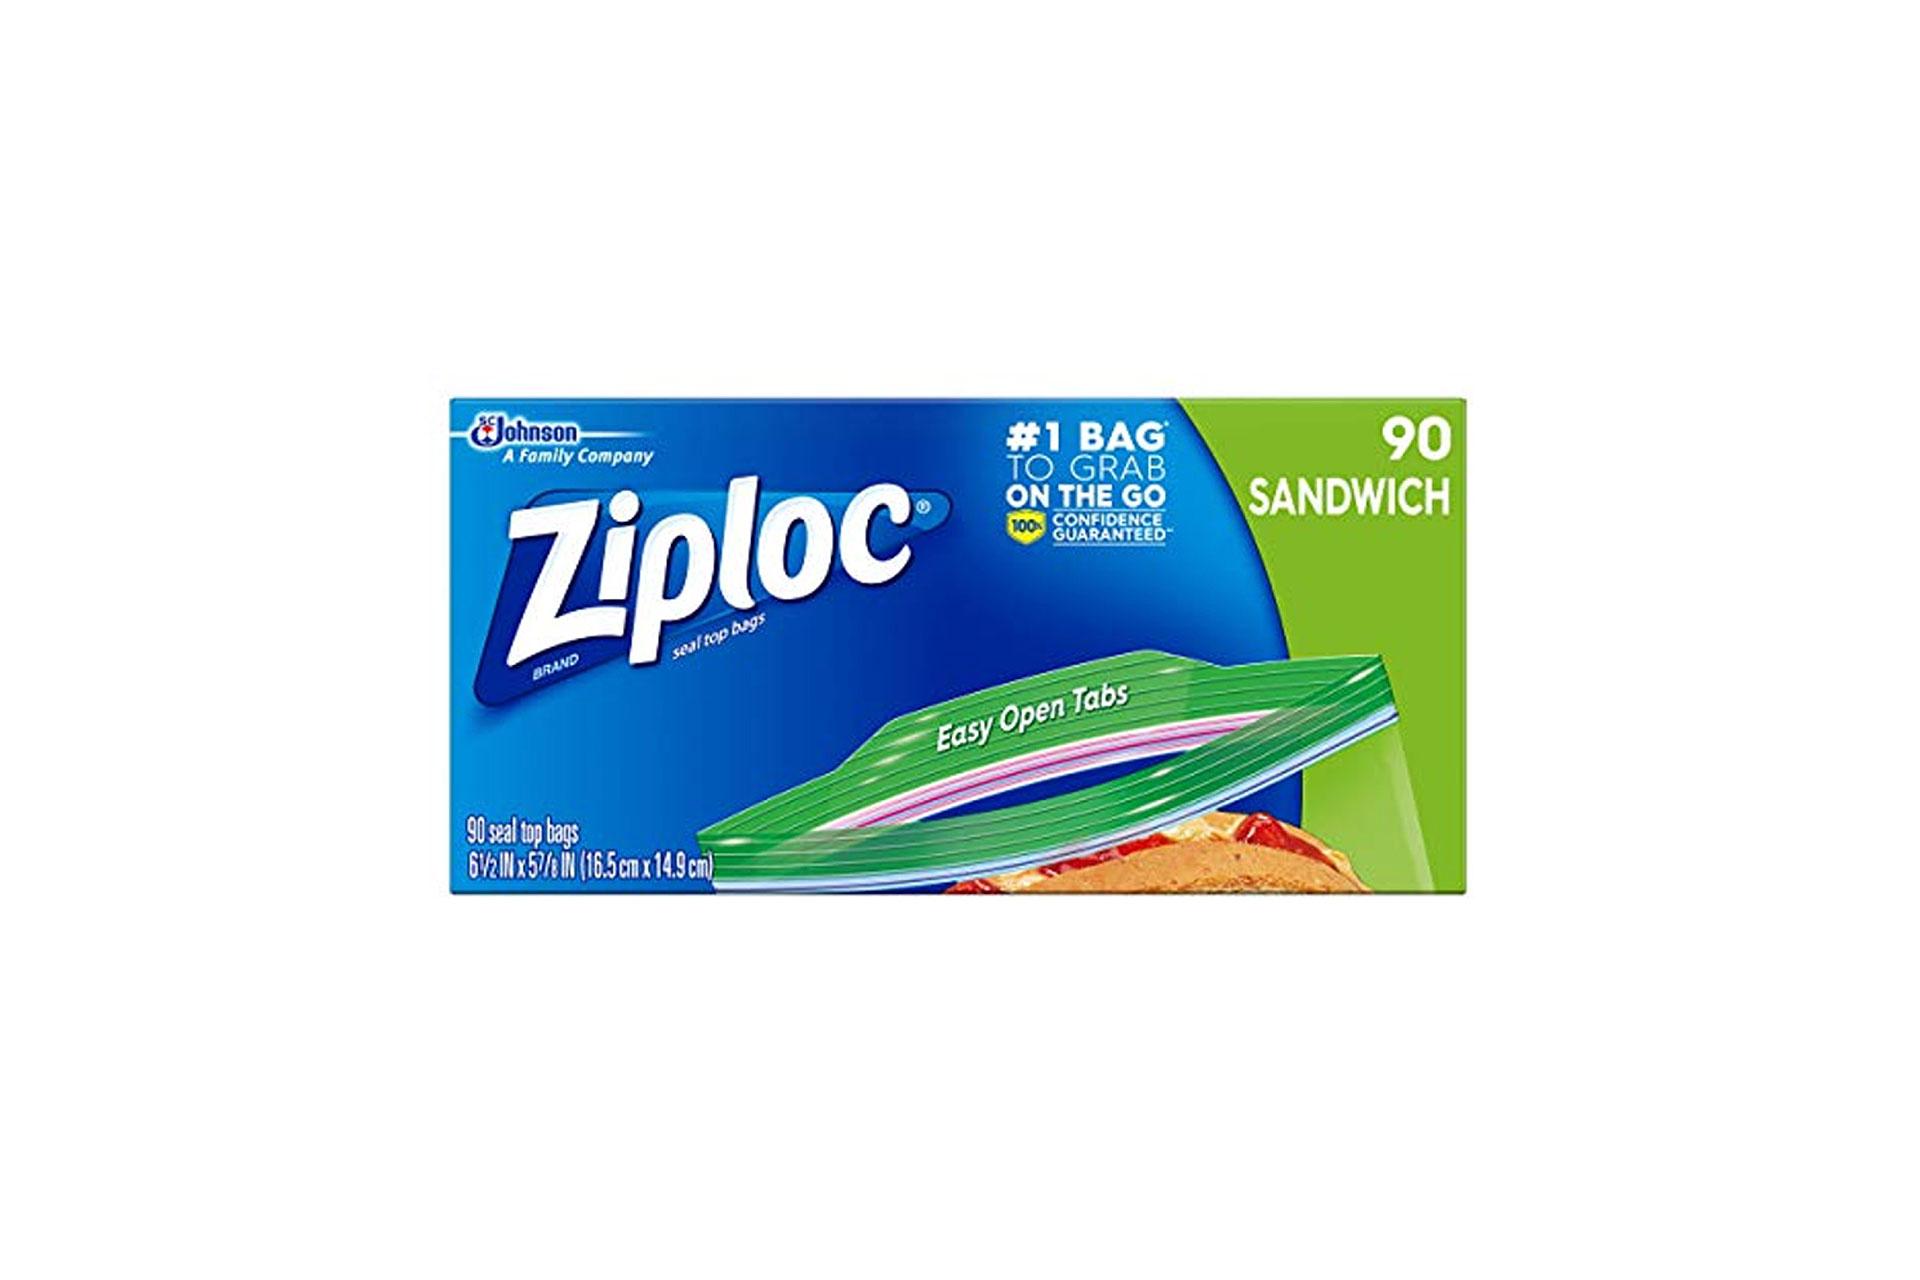 Ziploc Bags; Courtesy of Amazon